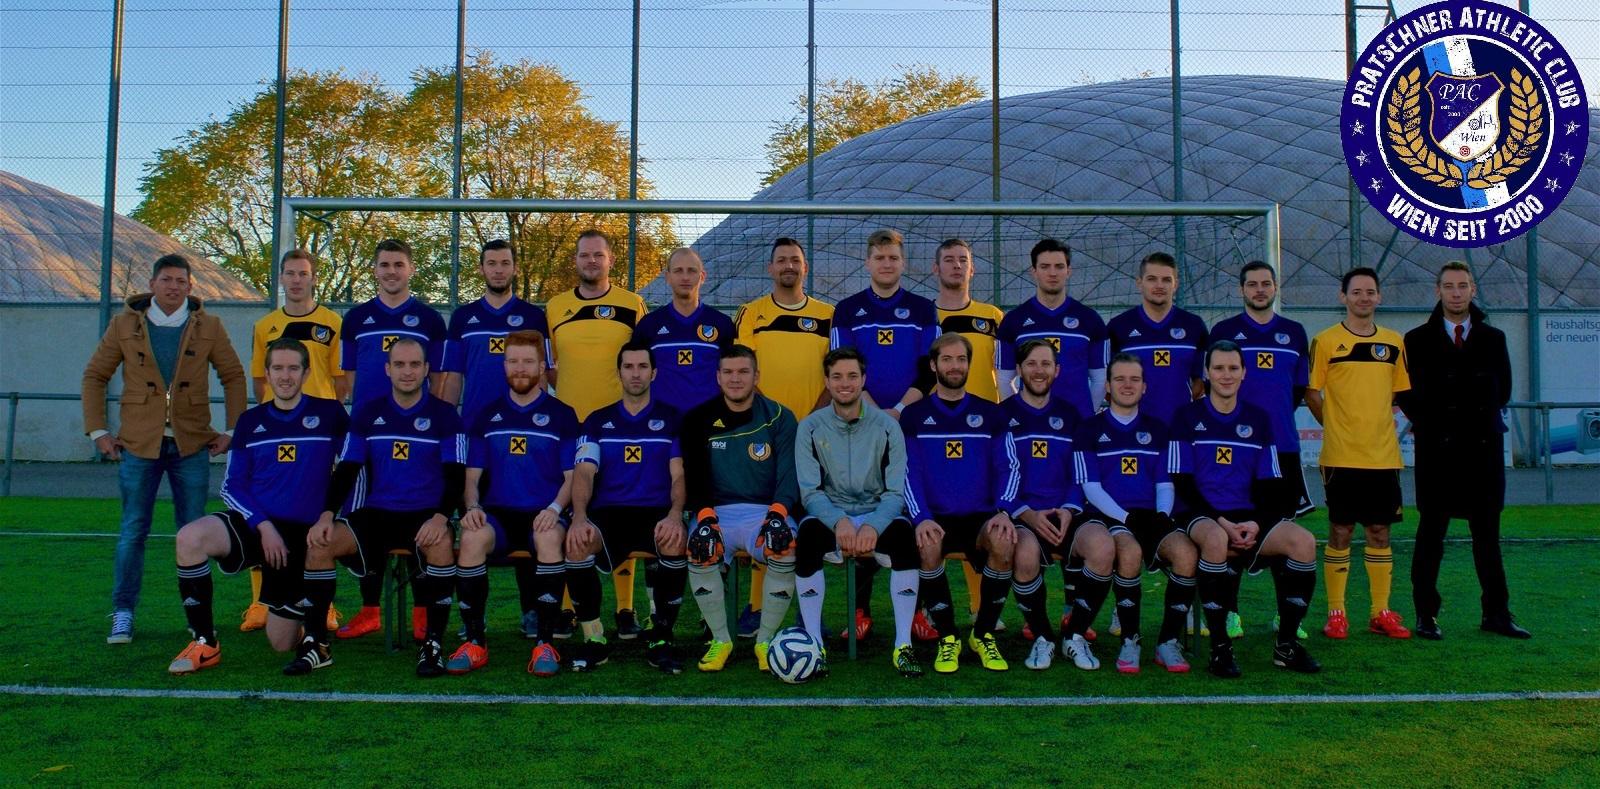 Kampfmannschaft PAC Wien Saison 2015/2016